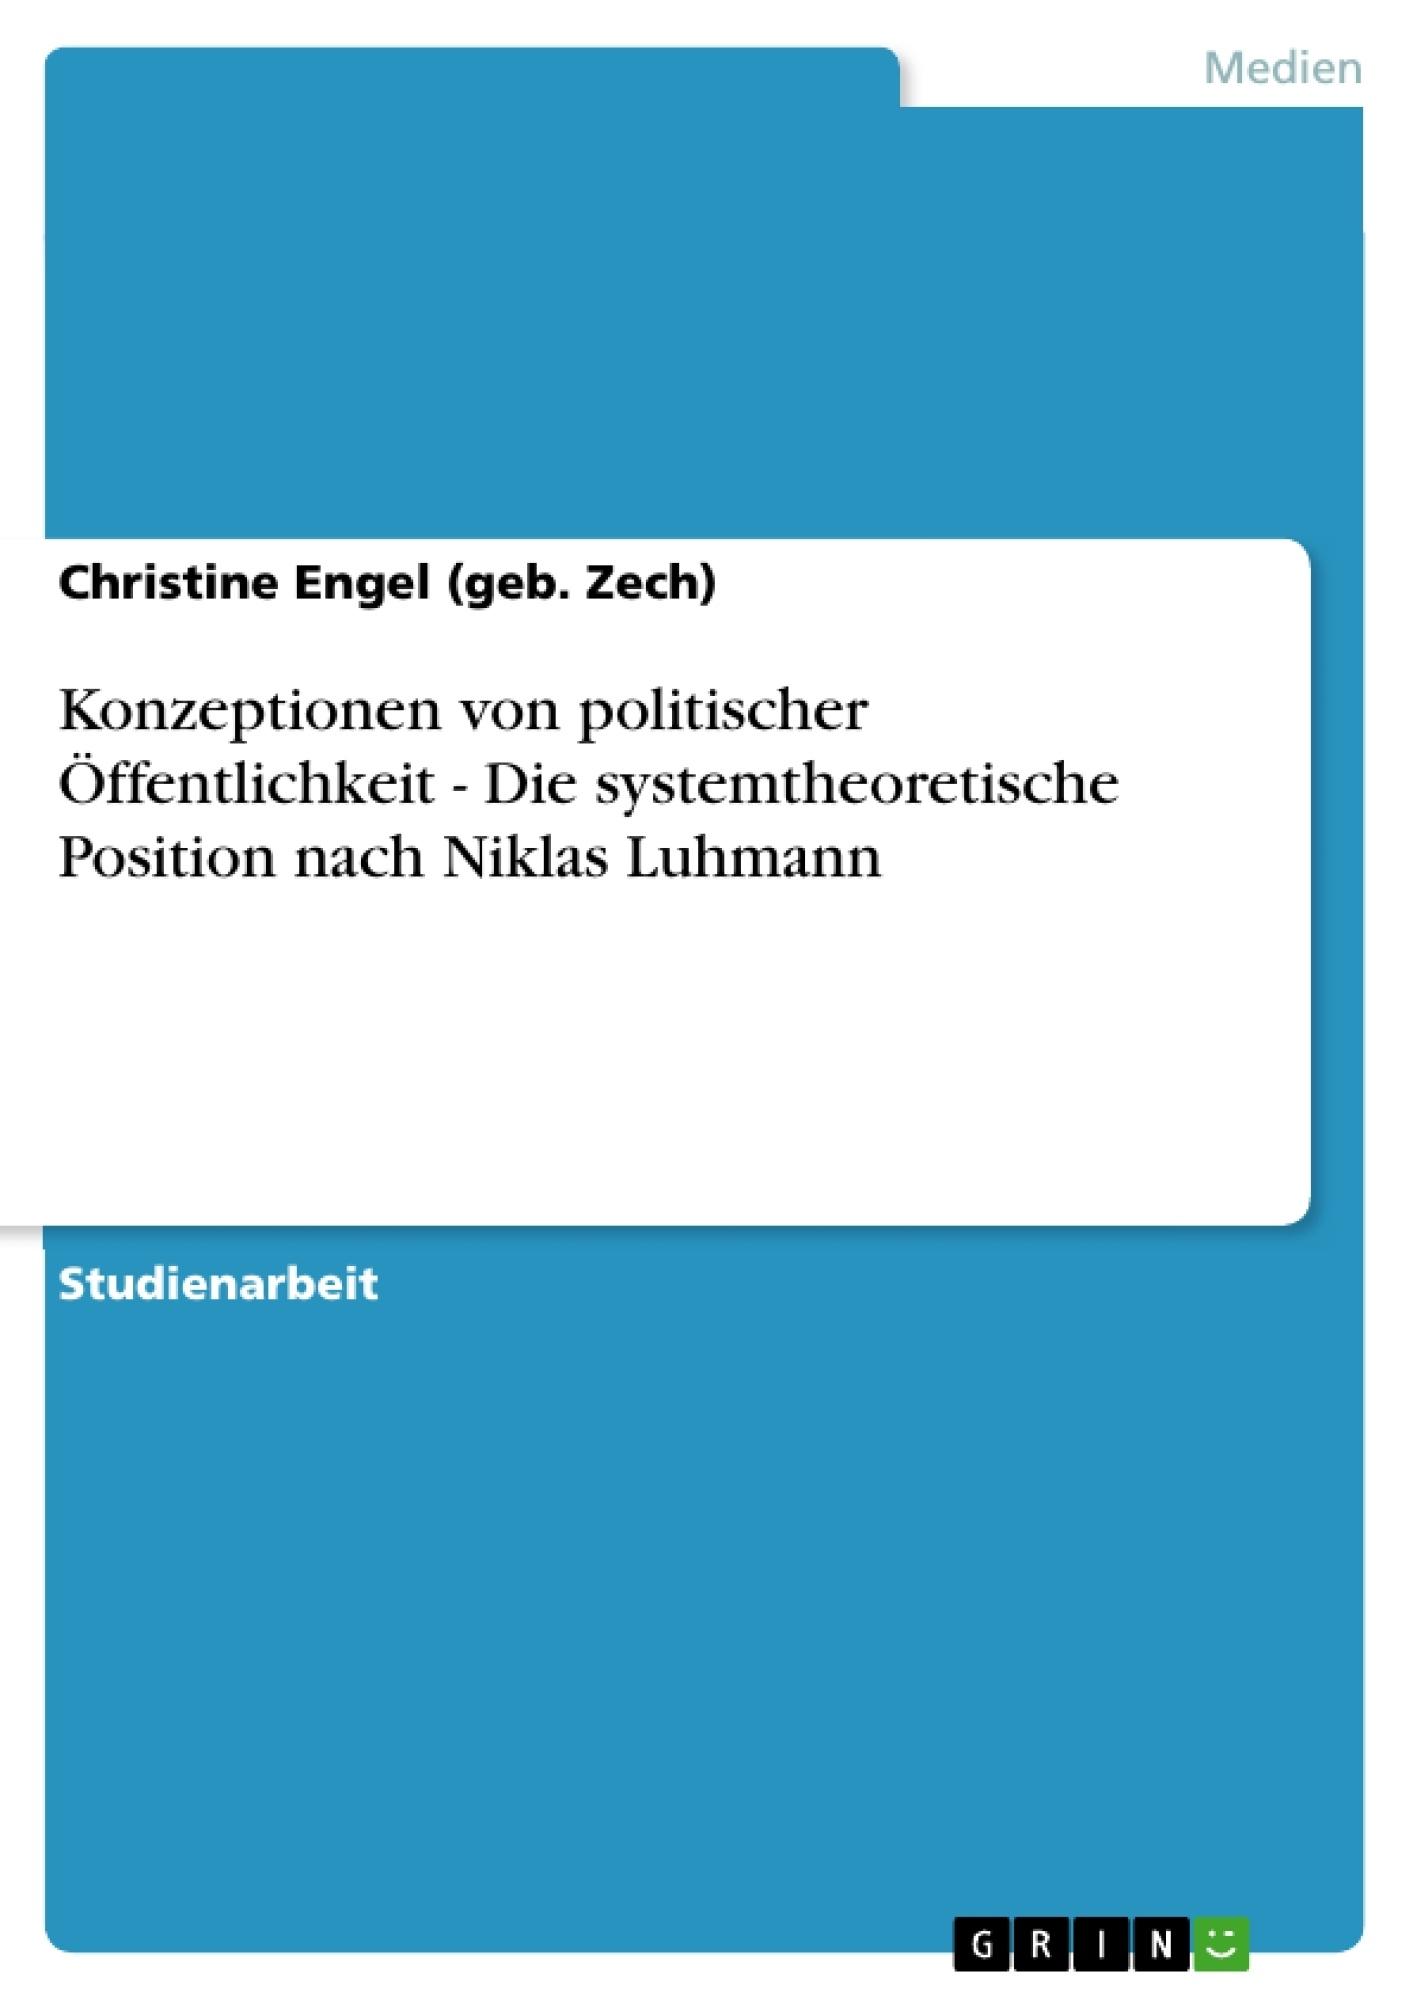 Titel: Konzeptionen von politischer Öffentlichkeit - Die systemtheoretische Position nach Niklas Luhmann